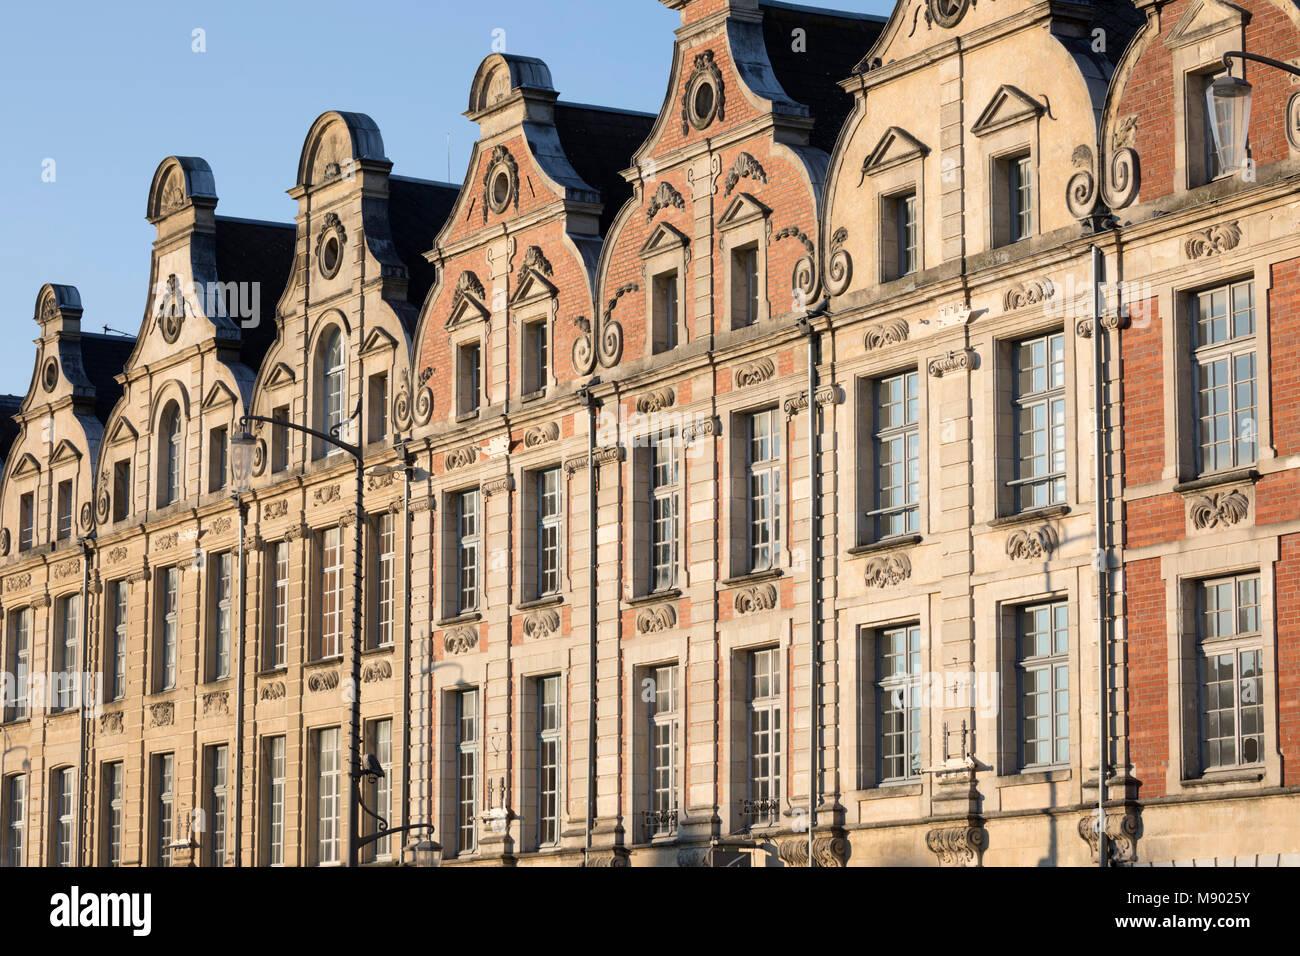 Flemish style facades on Place des Heros, Arras, Pas-de-Calais, Hauts-de-France region, France, Europe - Stock Image